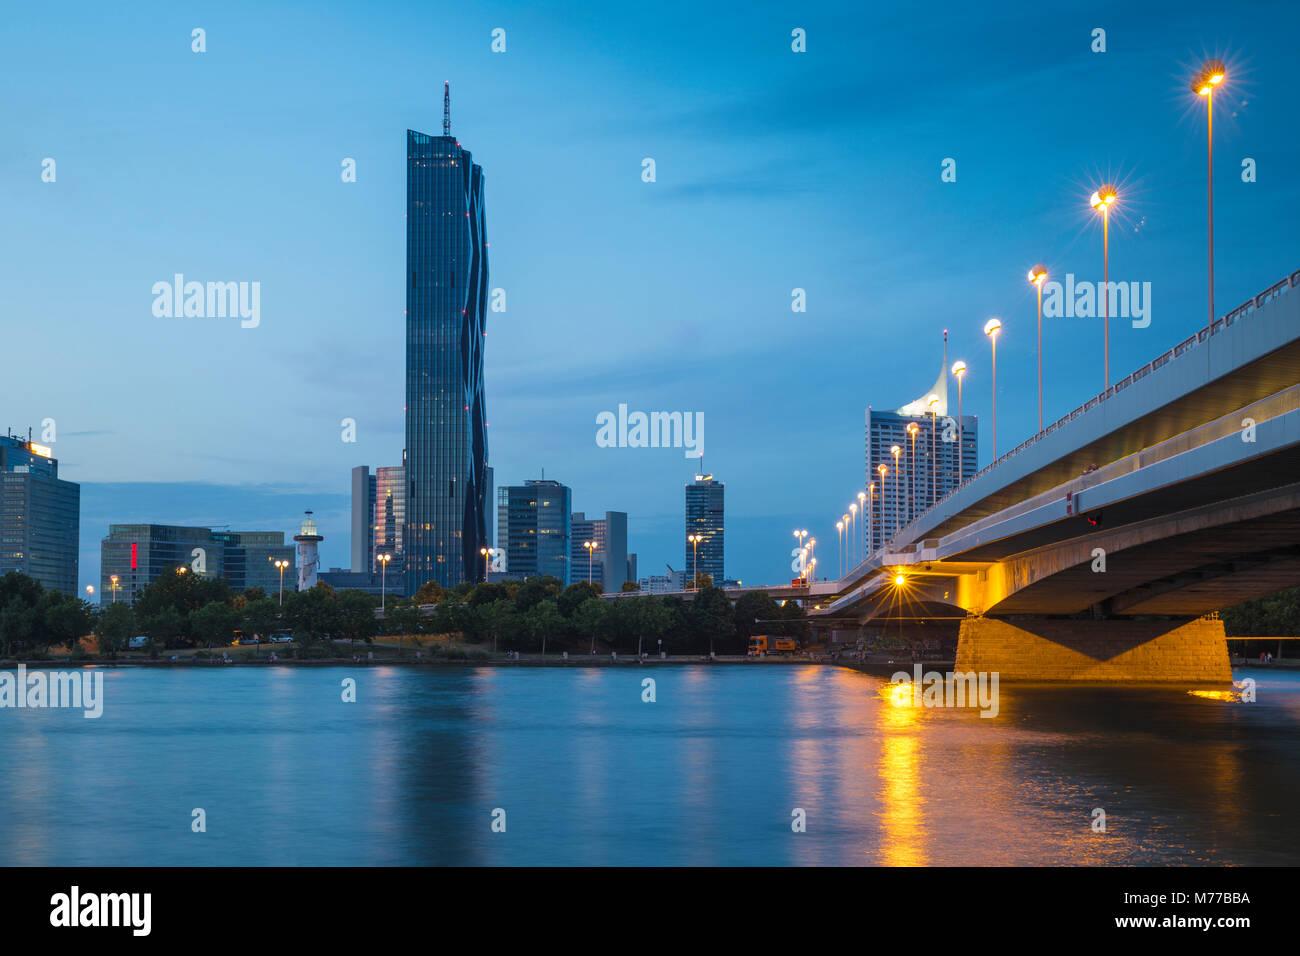 Donau et DC building qui reflète de nouveau Danube, Vienne, Autriche, Europe Photo Stock